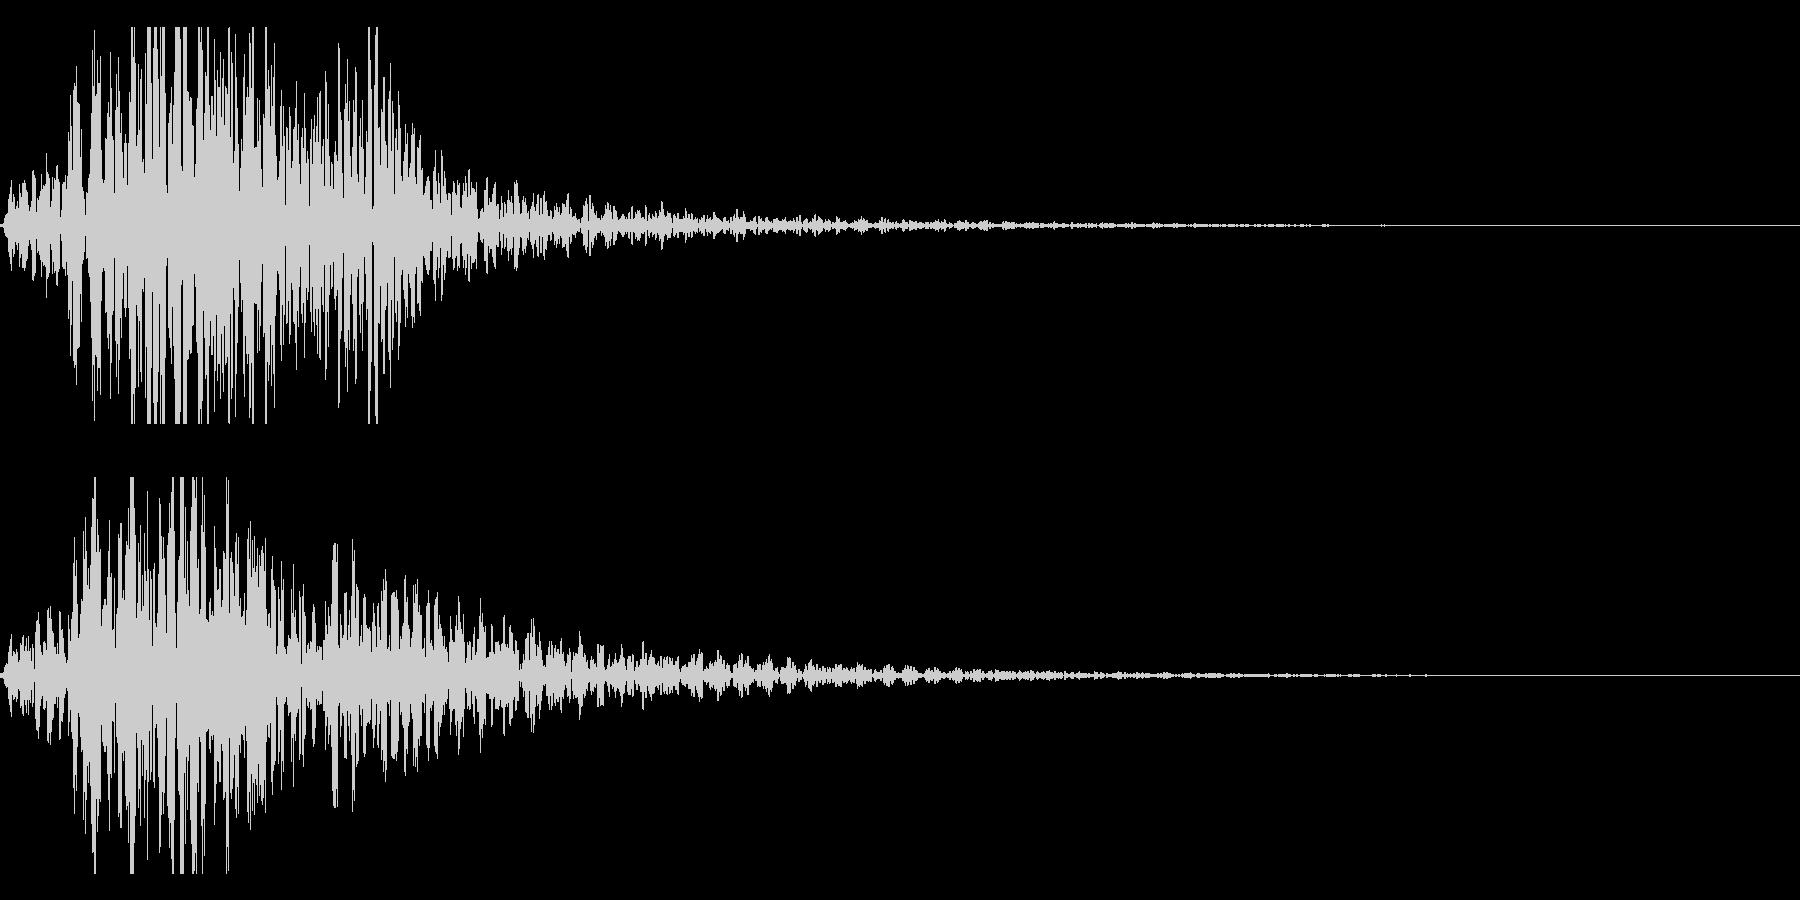 太鼓 和太鼓のフレーズ ジングル ロゴ5の未再生の波形